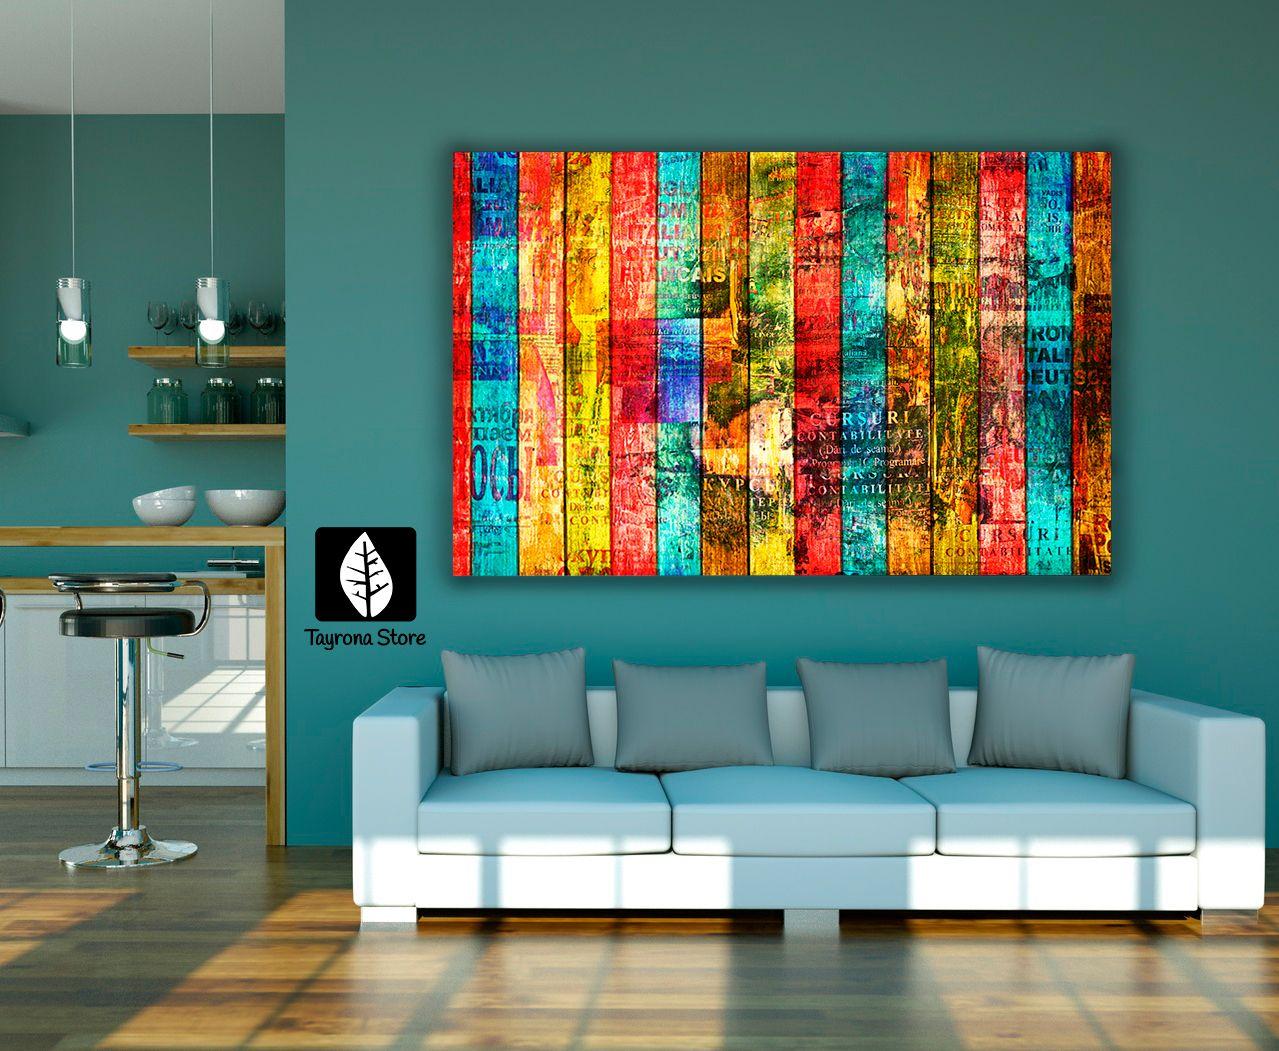 Cuadros Decorativos Abstracto 03 Tayronastore Cuadros Decorativos